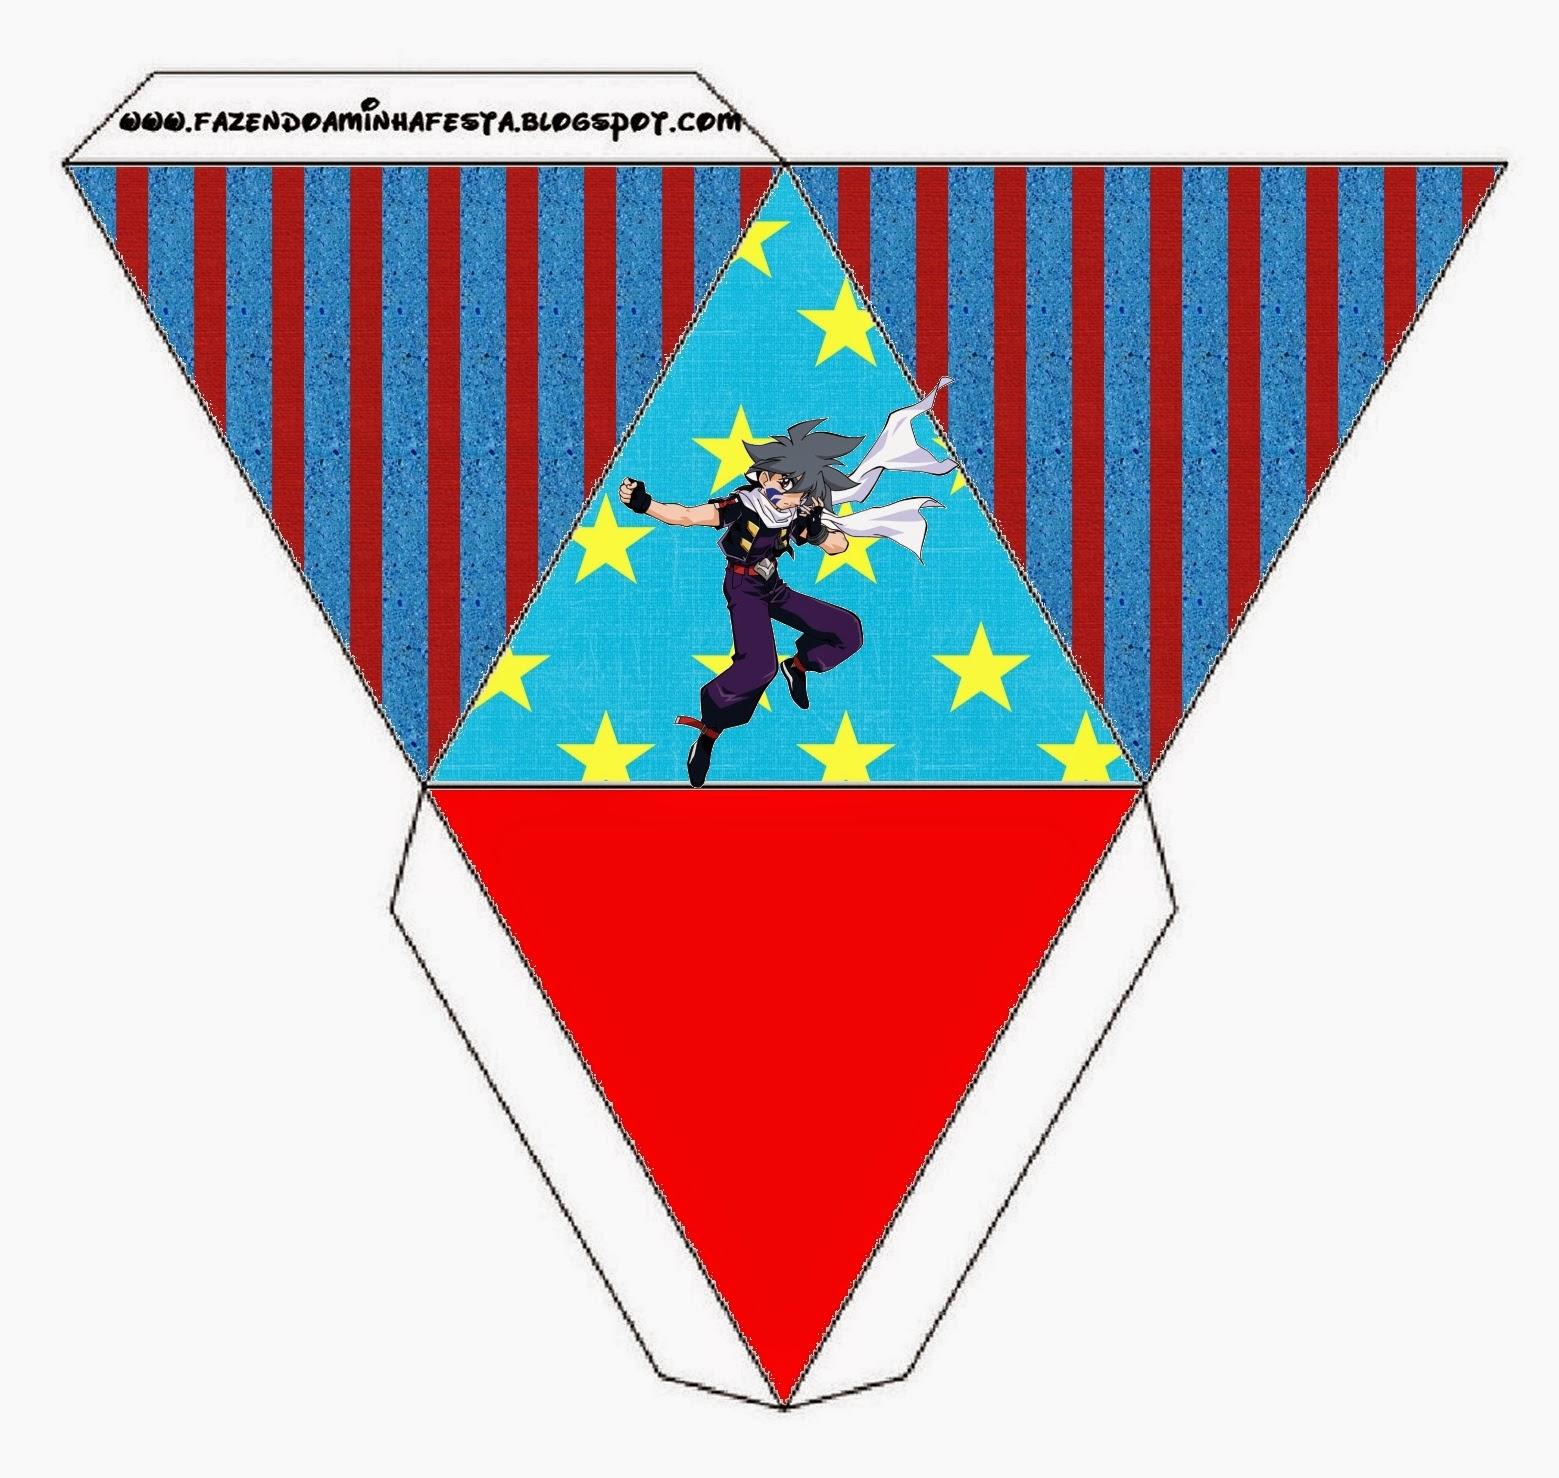 Caja con forma de pirámide de Beyblade.